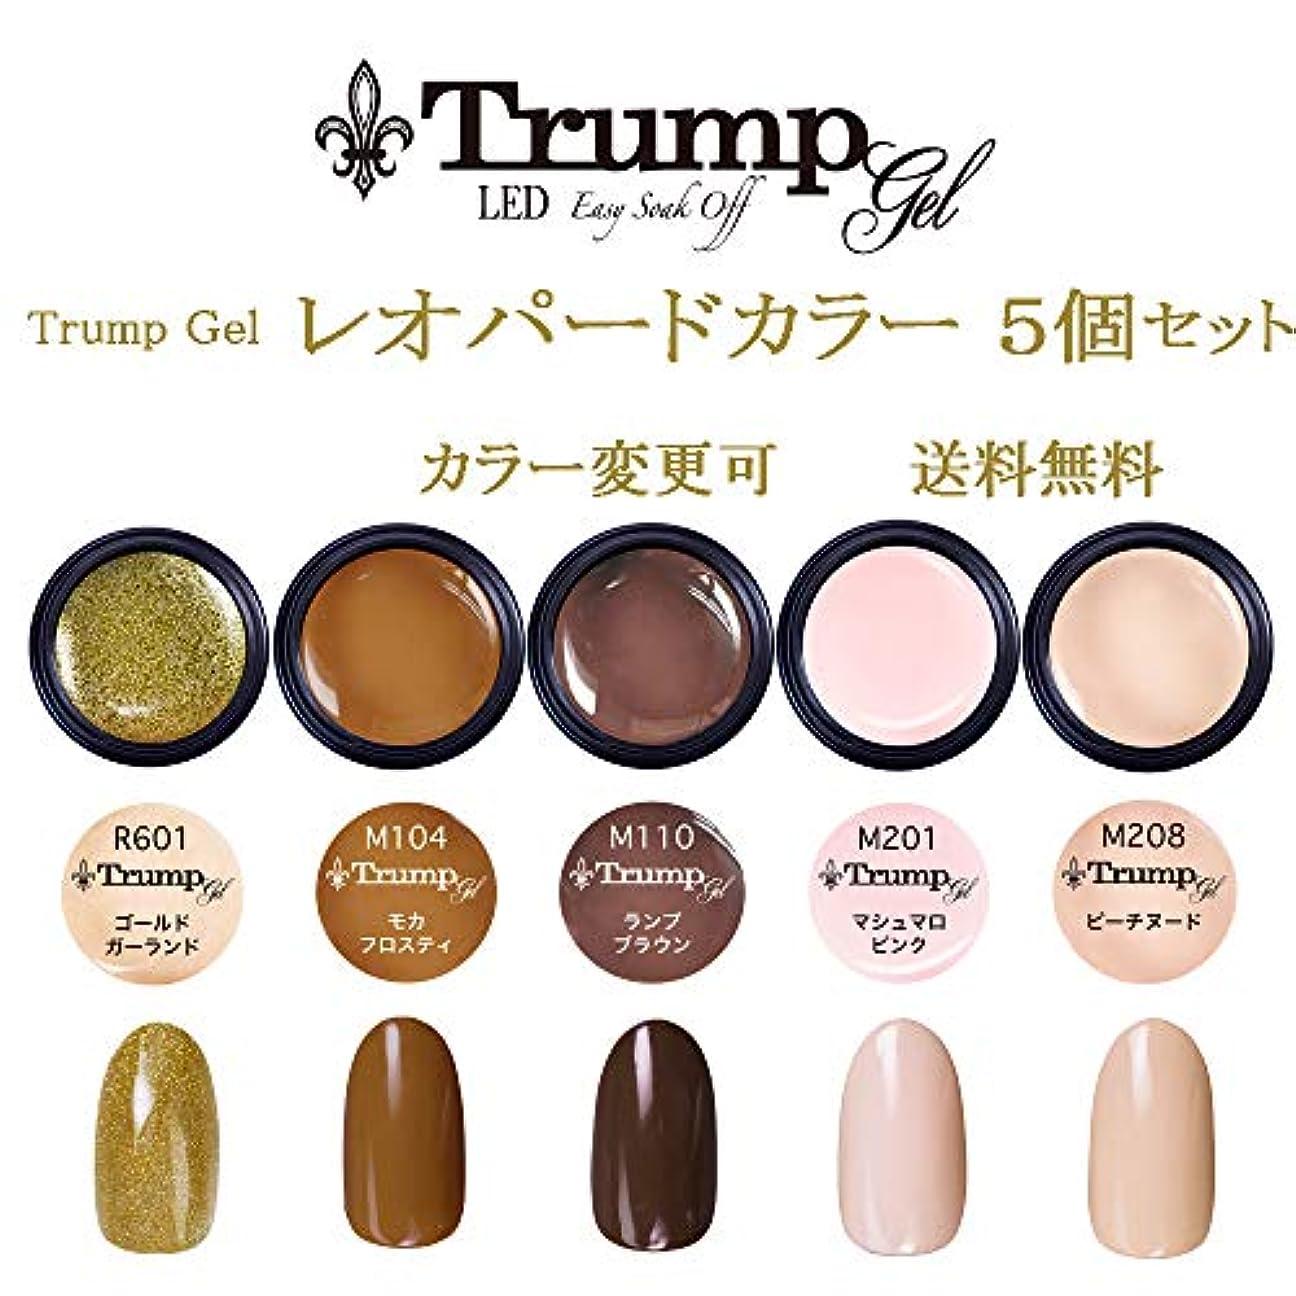 特許センブランス南極【送料無料】日本製 Trump gel トランプジェル レオパードカラー 選べる カラージェル 5個セット アニマル ベージュ ブラウン ホワイト ラメ カラー